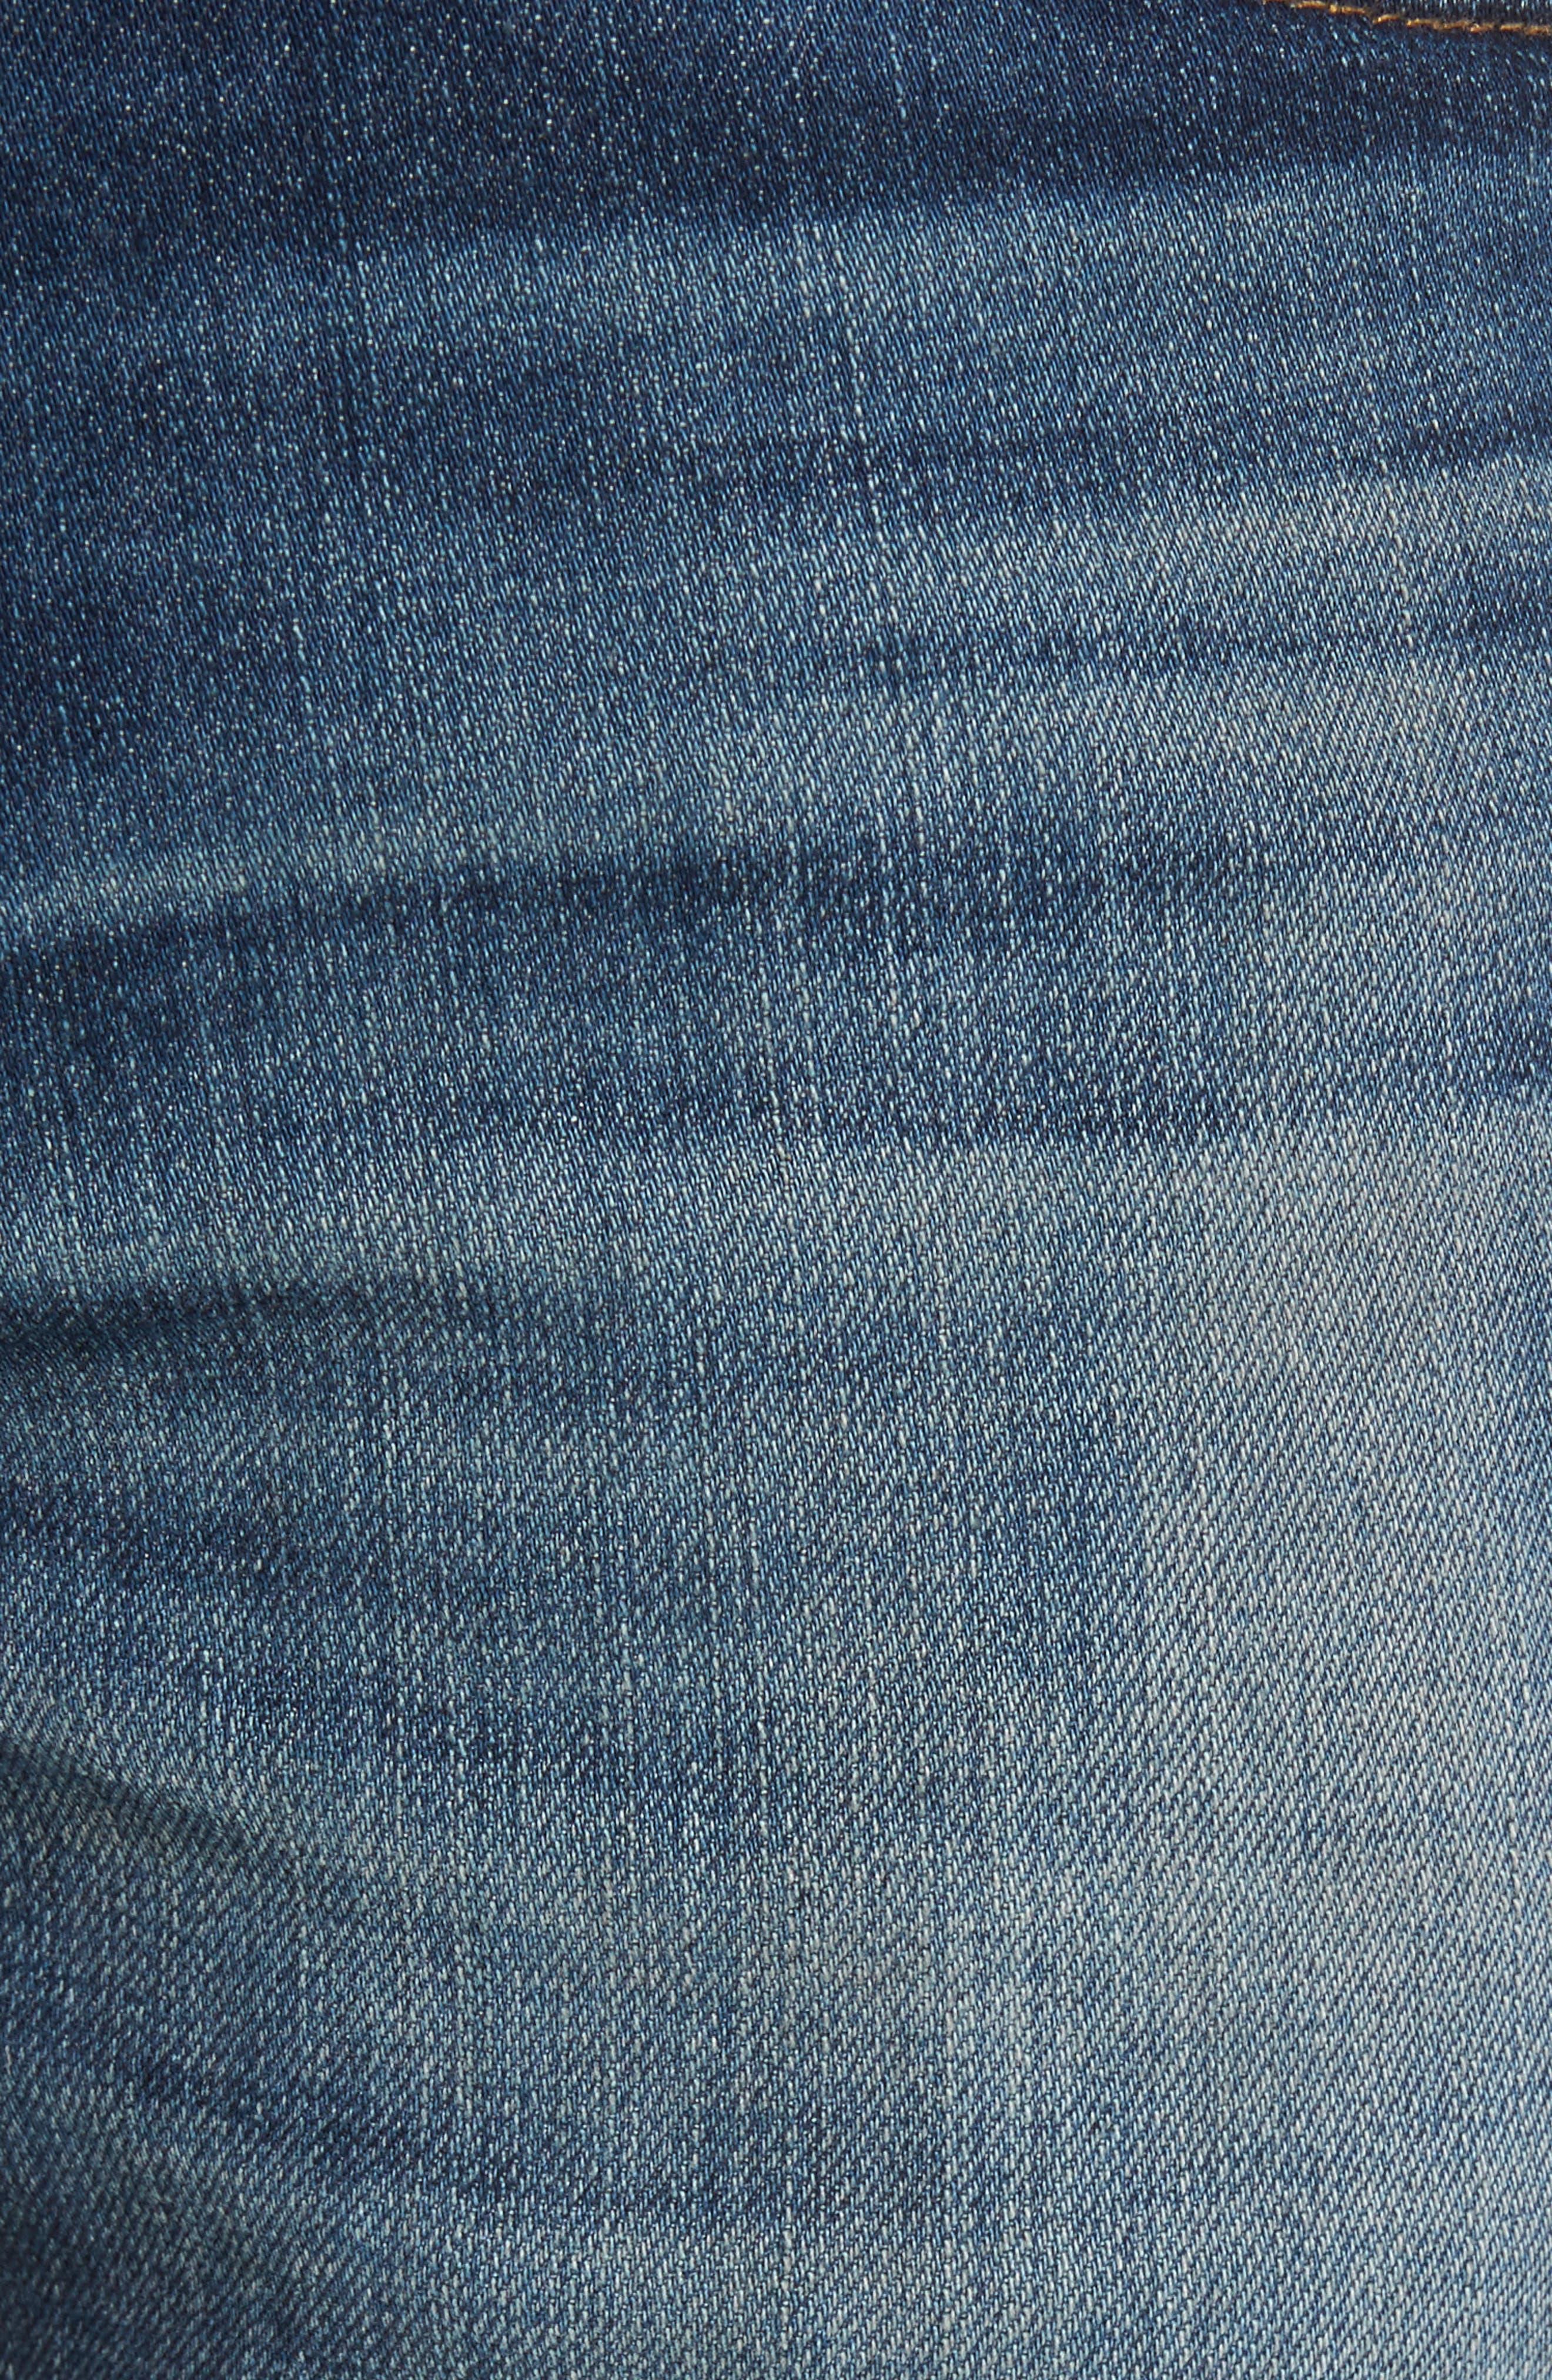 Alternate Image 5  - AG Tellis Slim Fit Jeans (10 Years Shortcut)